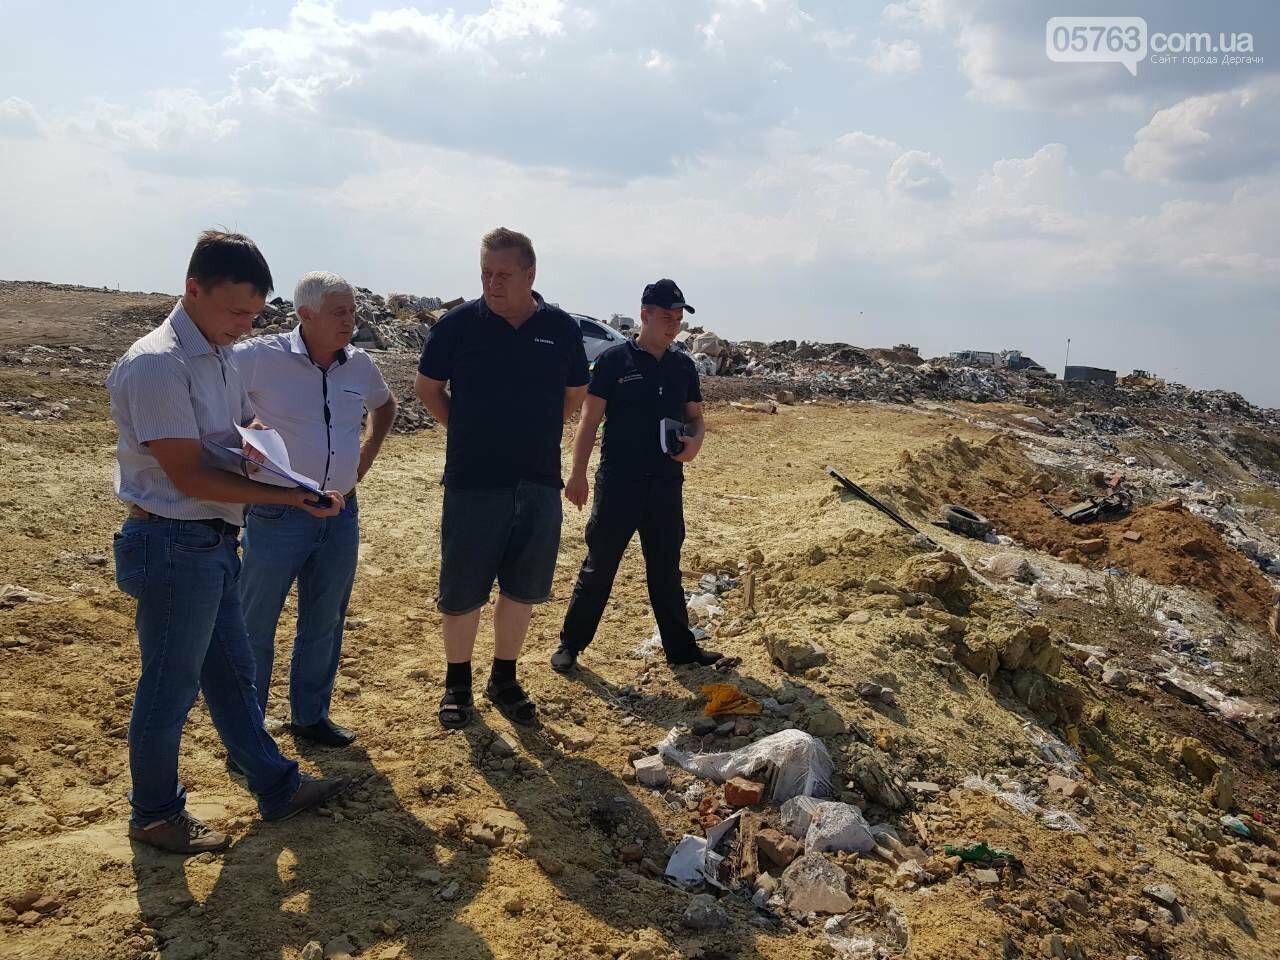 Дергачевский район: приняли участие в комиссионном обследовании полигонов хранения ТБО, фото-2